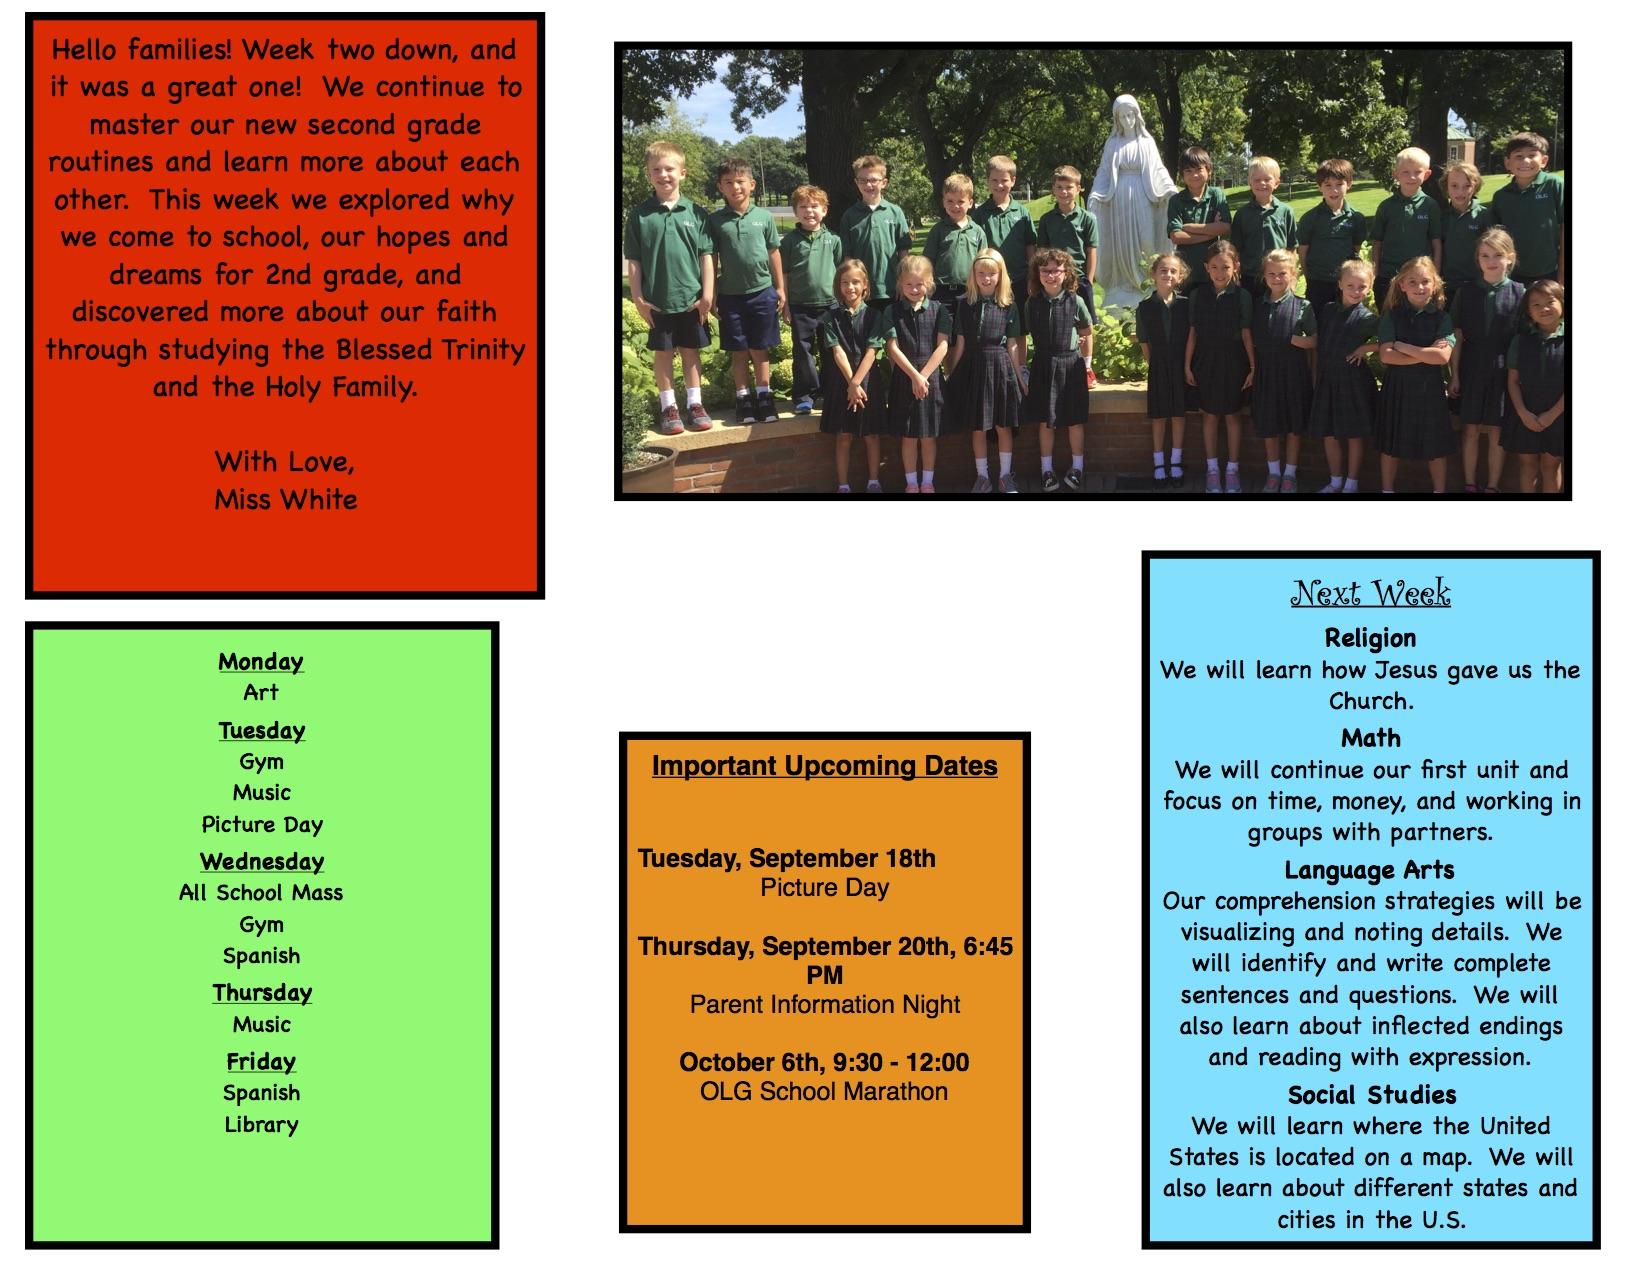 9-14-18 Newsletter.jpg